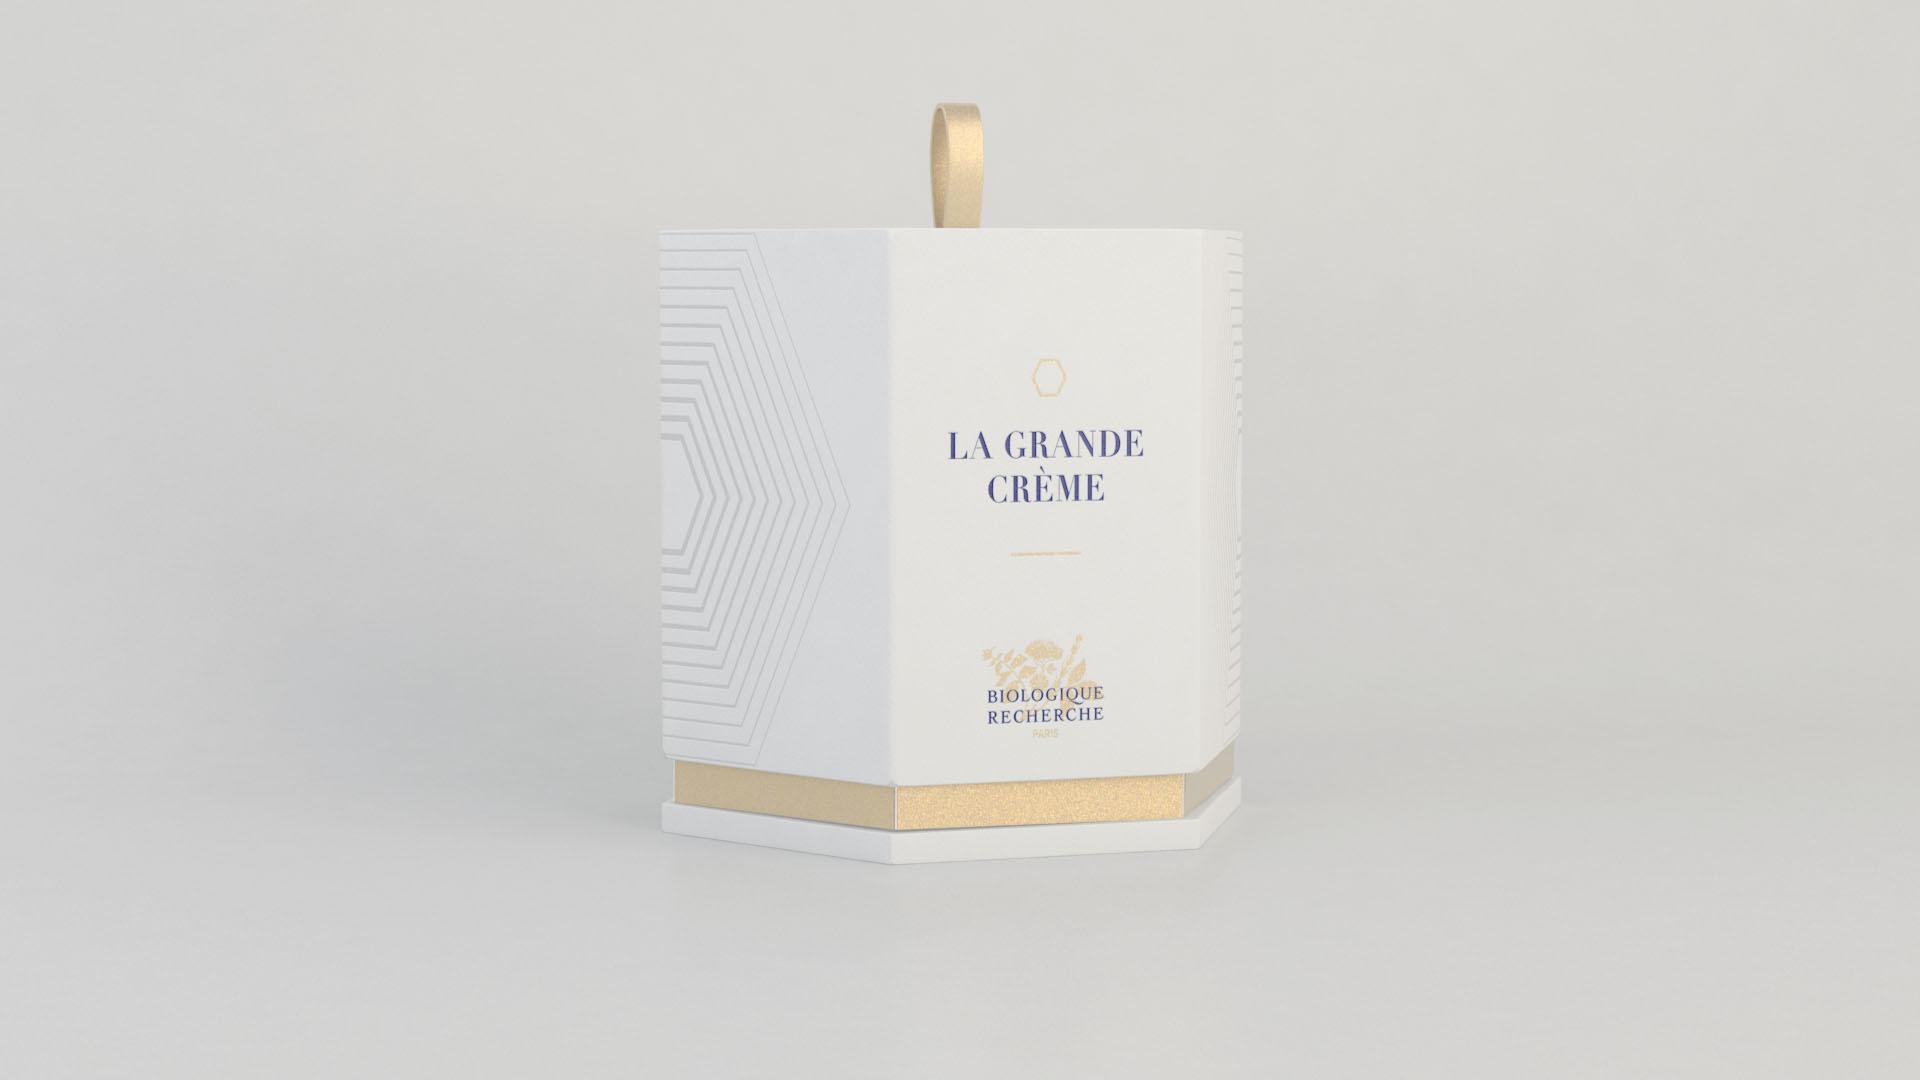 LA_GRANDE_CREME_02